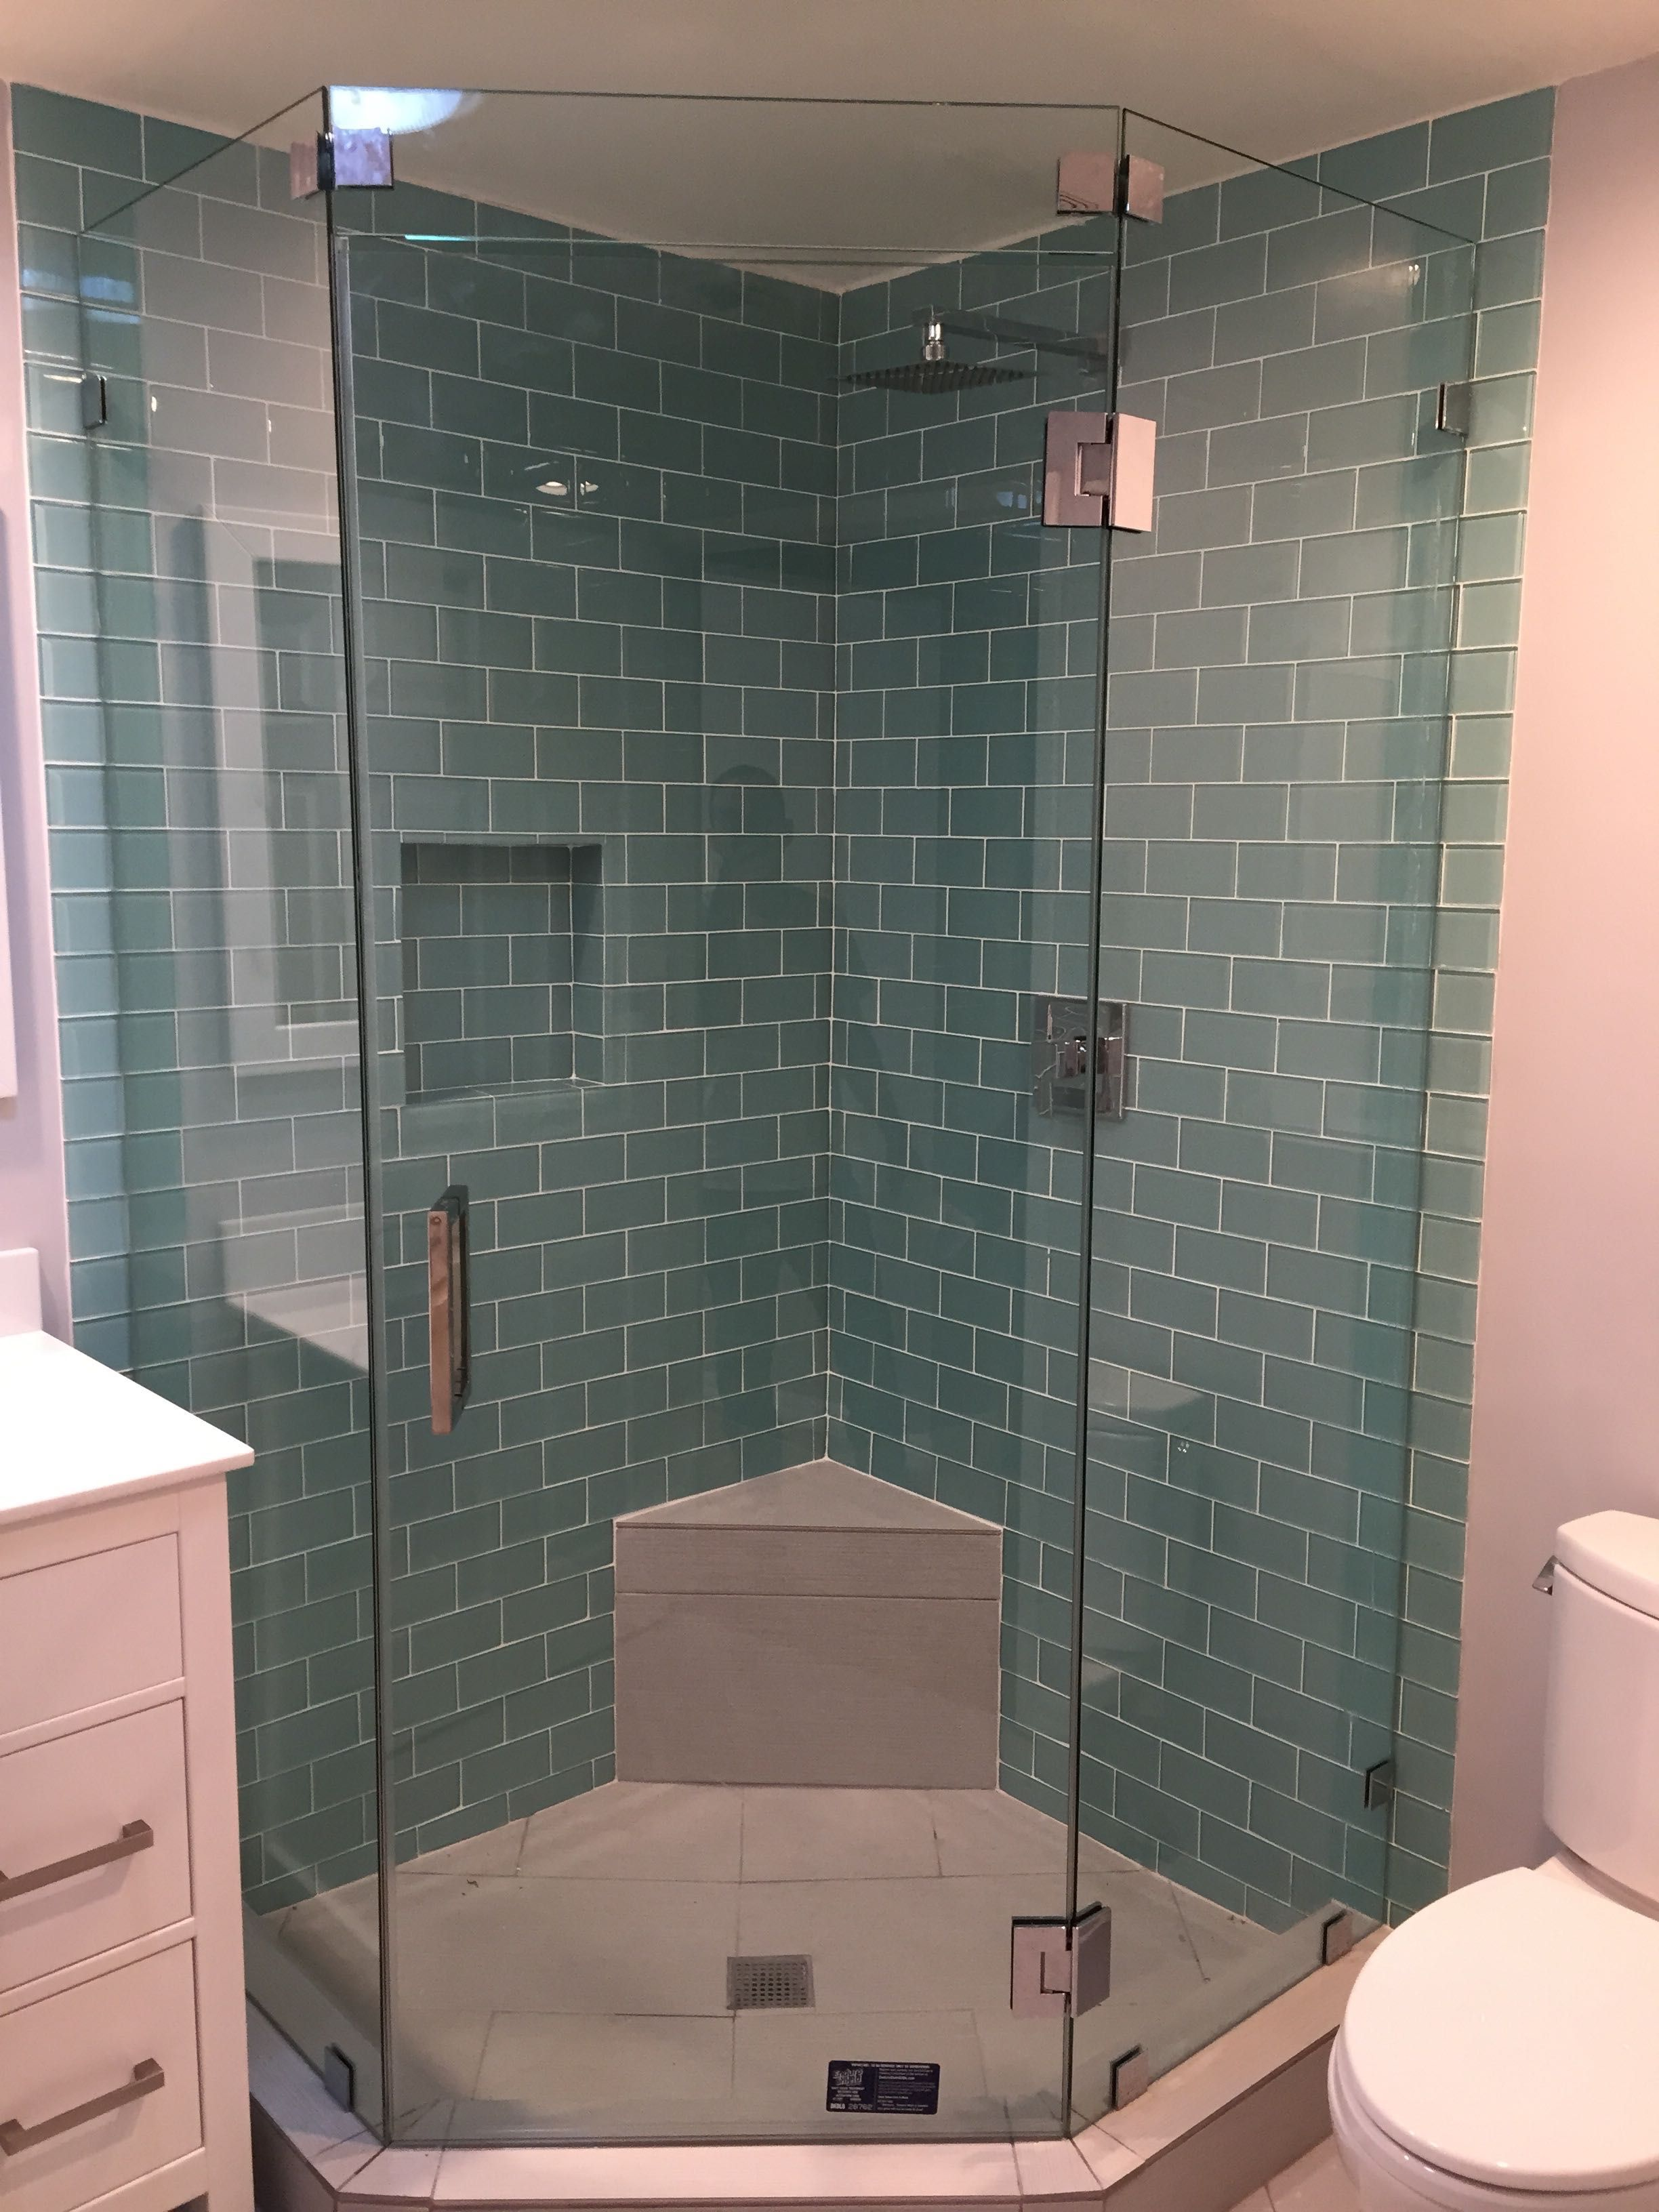 Neo Angle Frameless Shower Door - Y9, Inc.   En suite   Pinterest ...